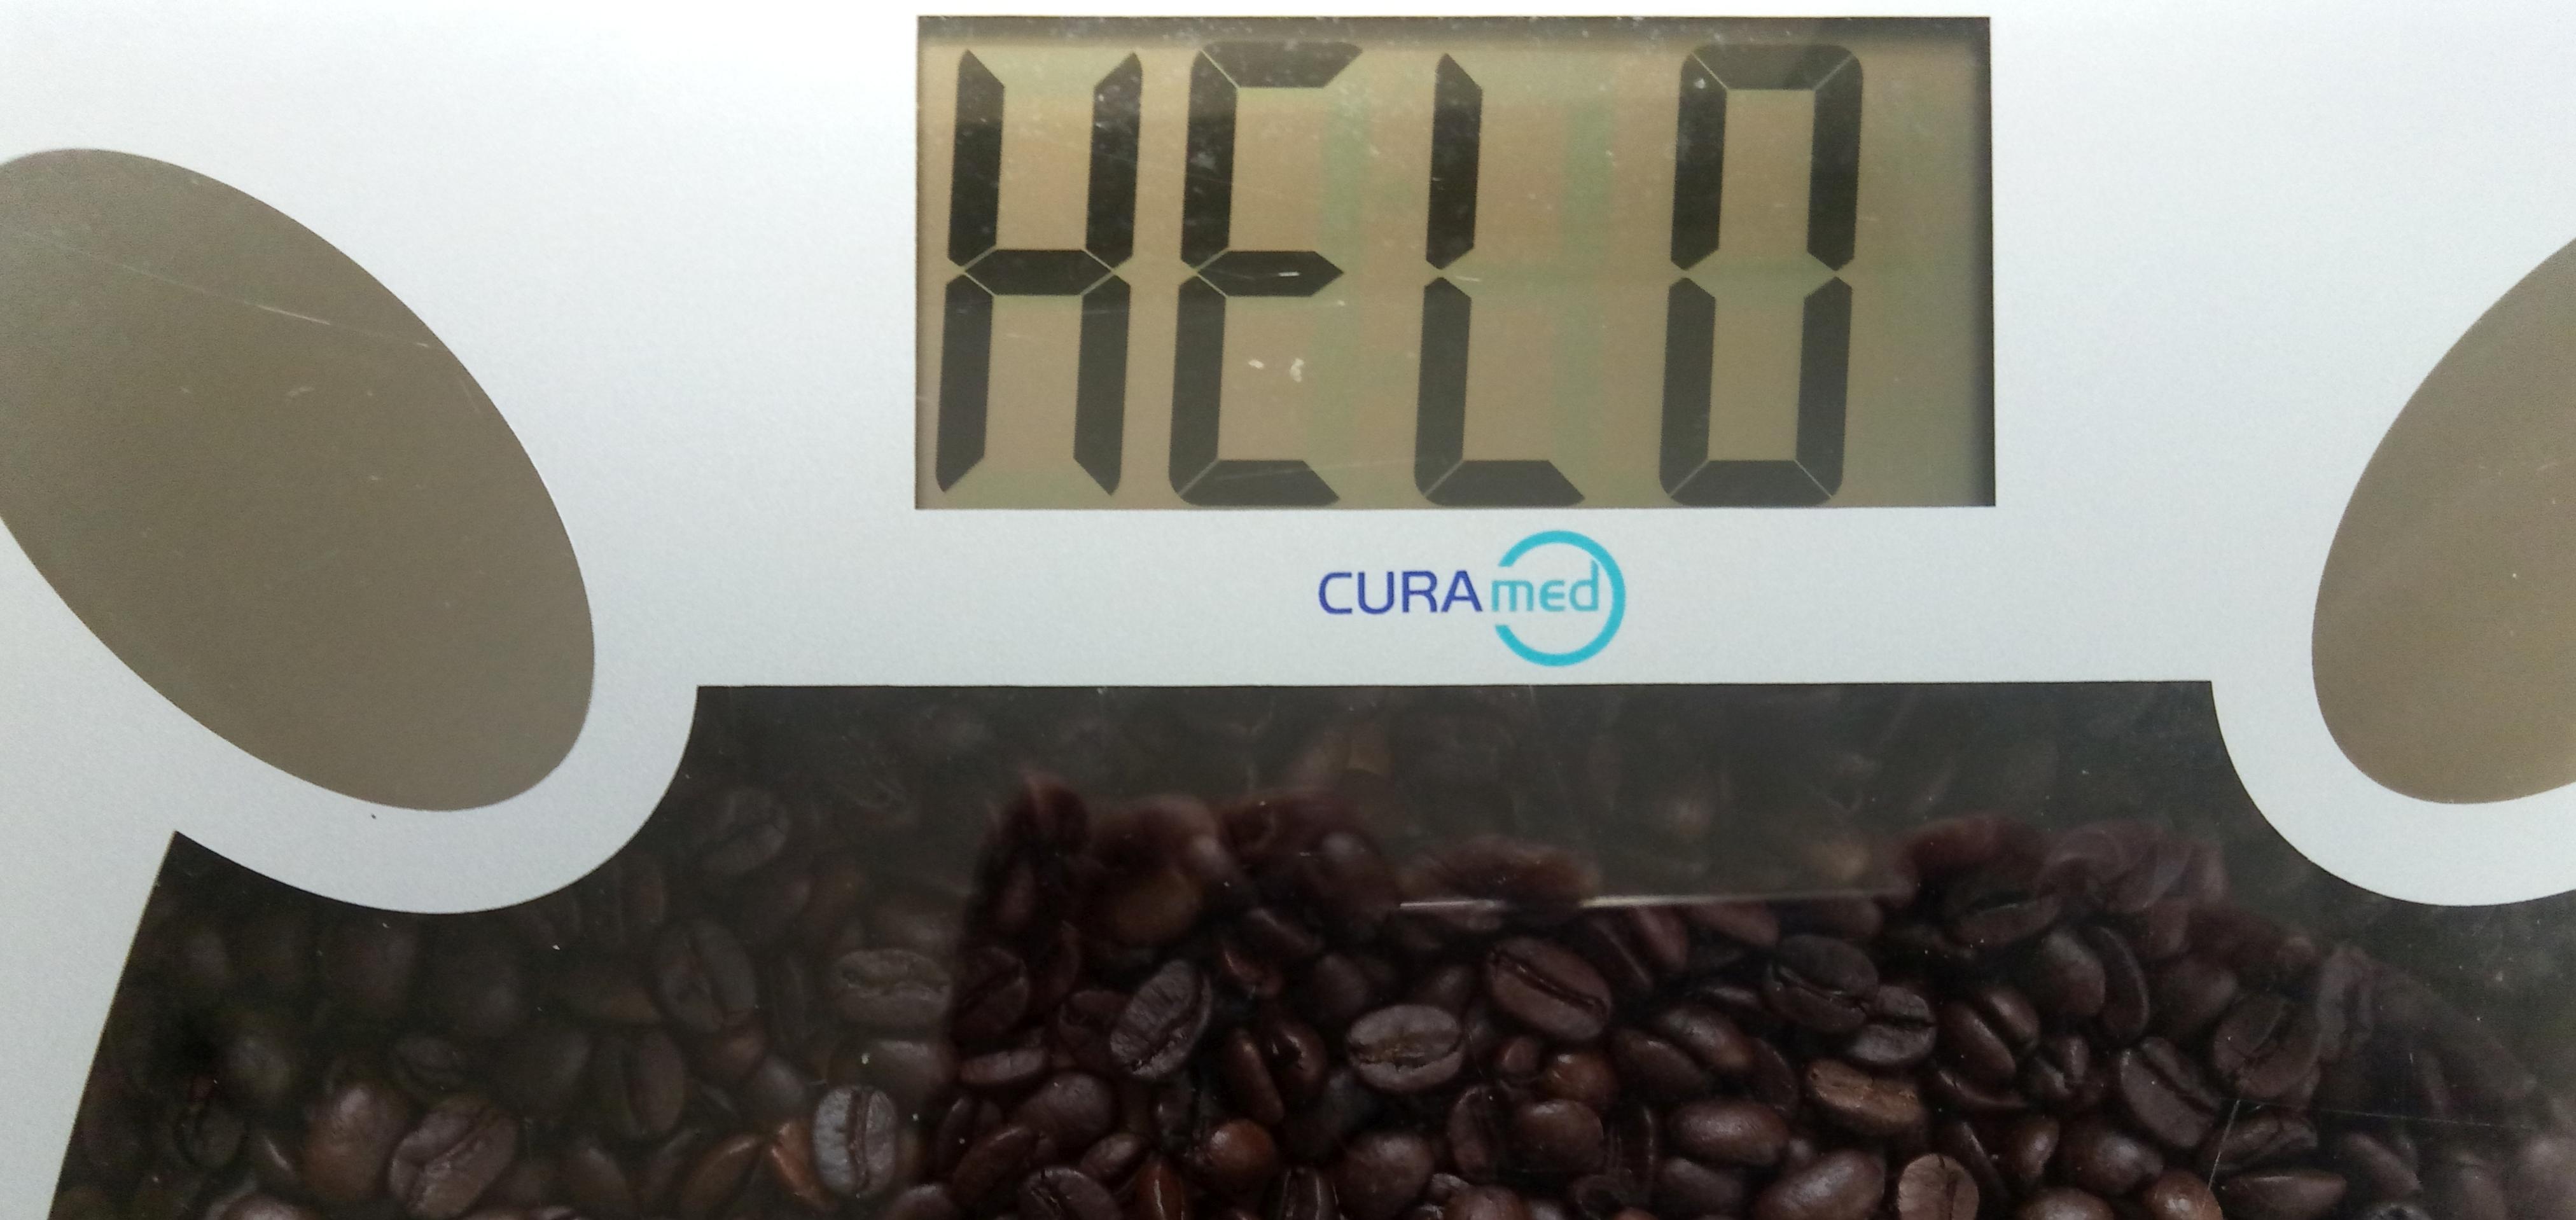 Waage über Kaffee